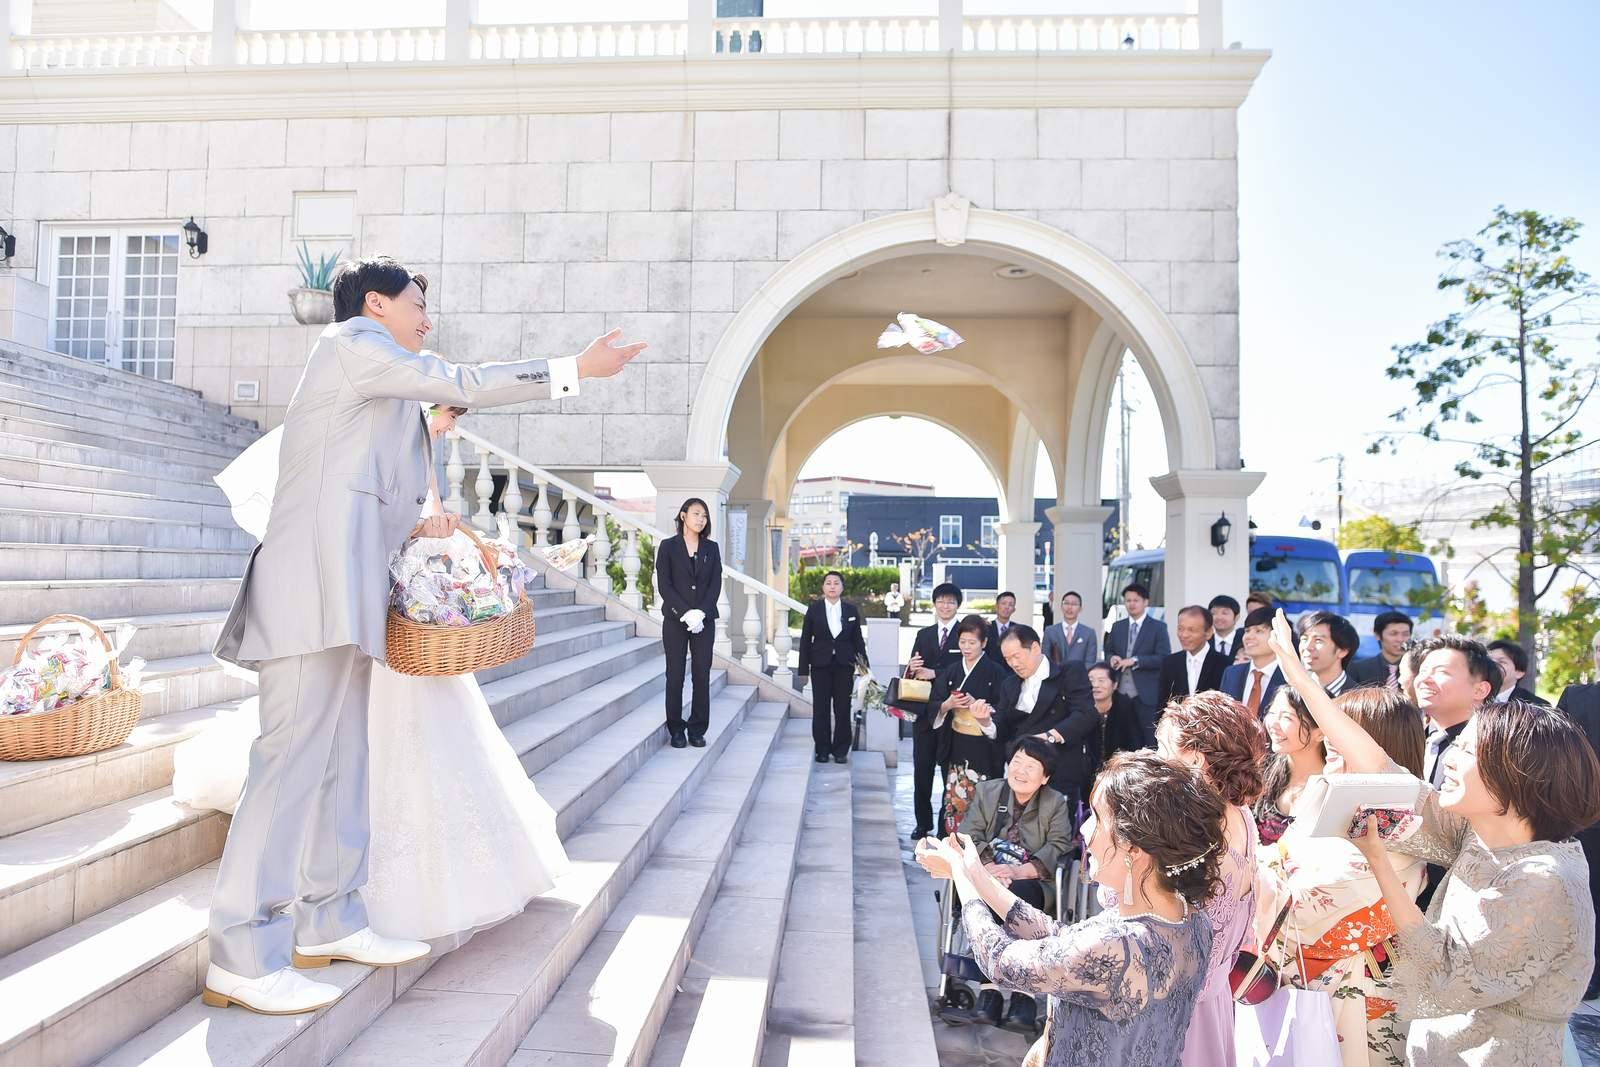 香川県の結婚式場シェルエメール&アイスタイルの福まき